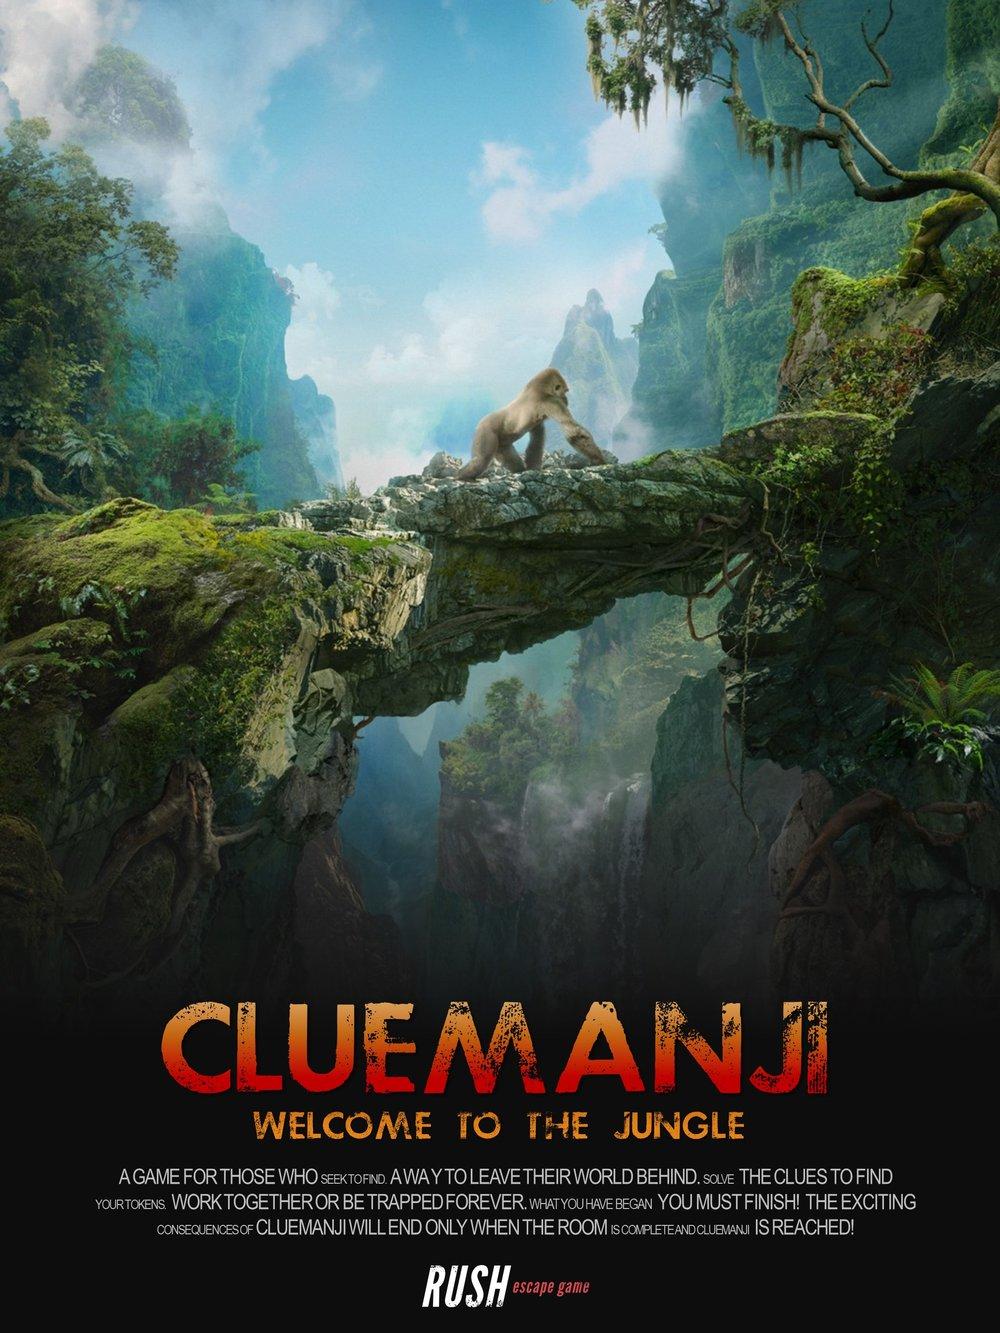 Cluemanji - Rush Escape Game - Escape Room Melbourne.jpg